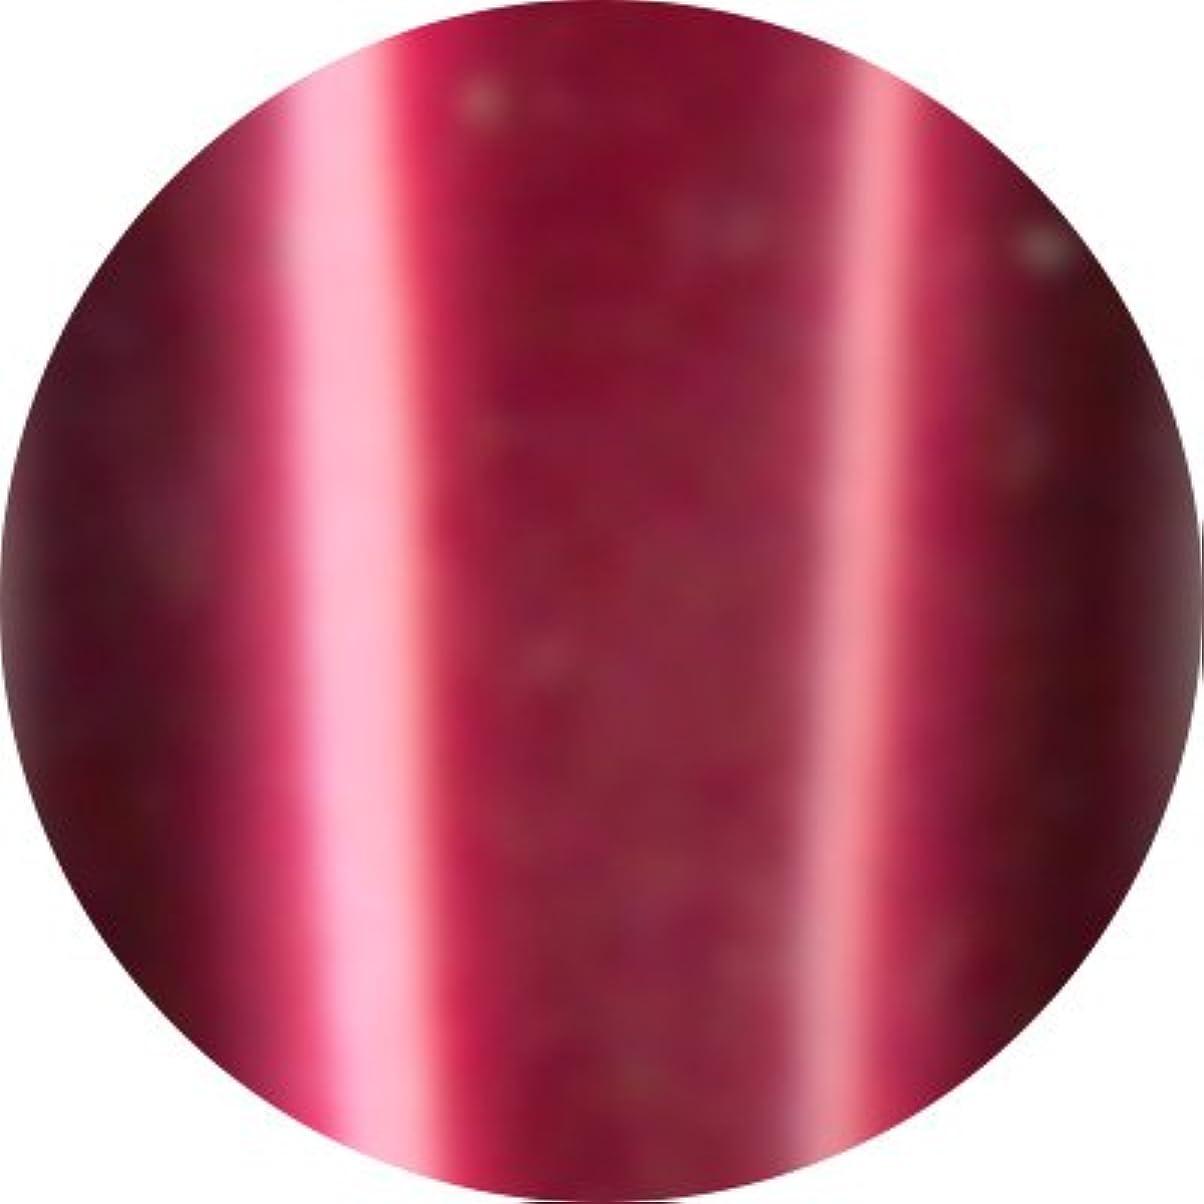 敏感な復活上Jewelry jel(ジュエリージェル) カラージェル 5ml<BR>メタリック MT019